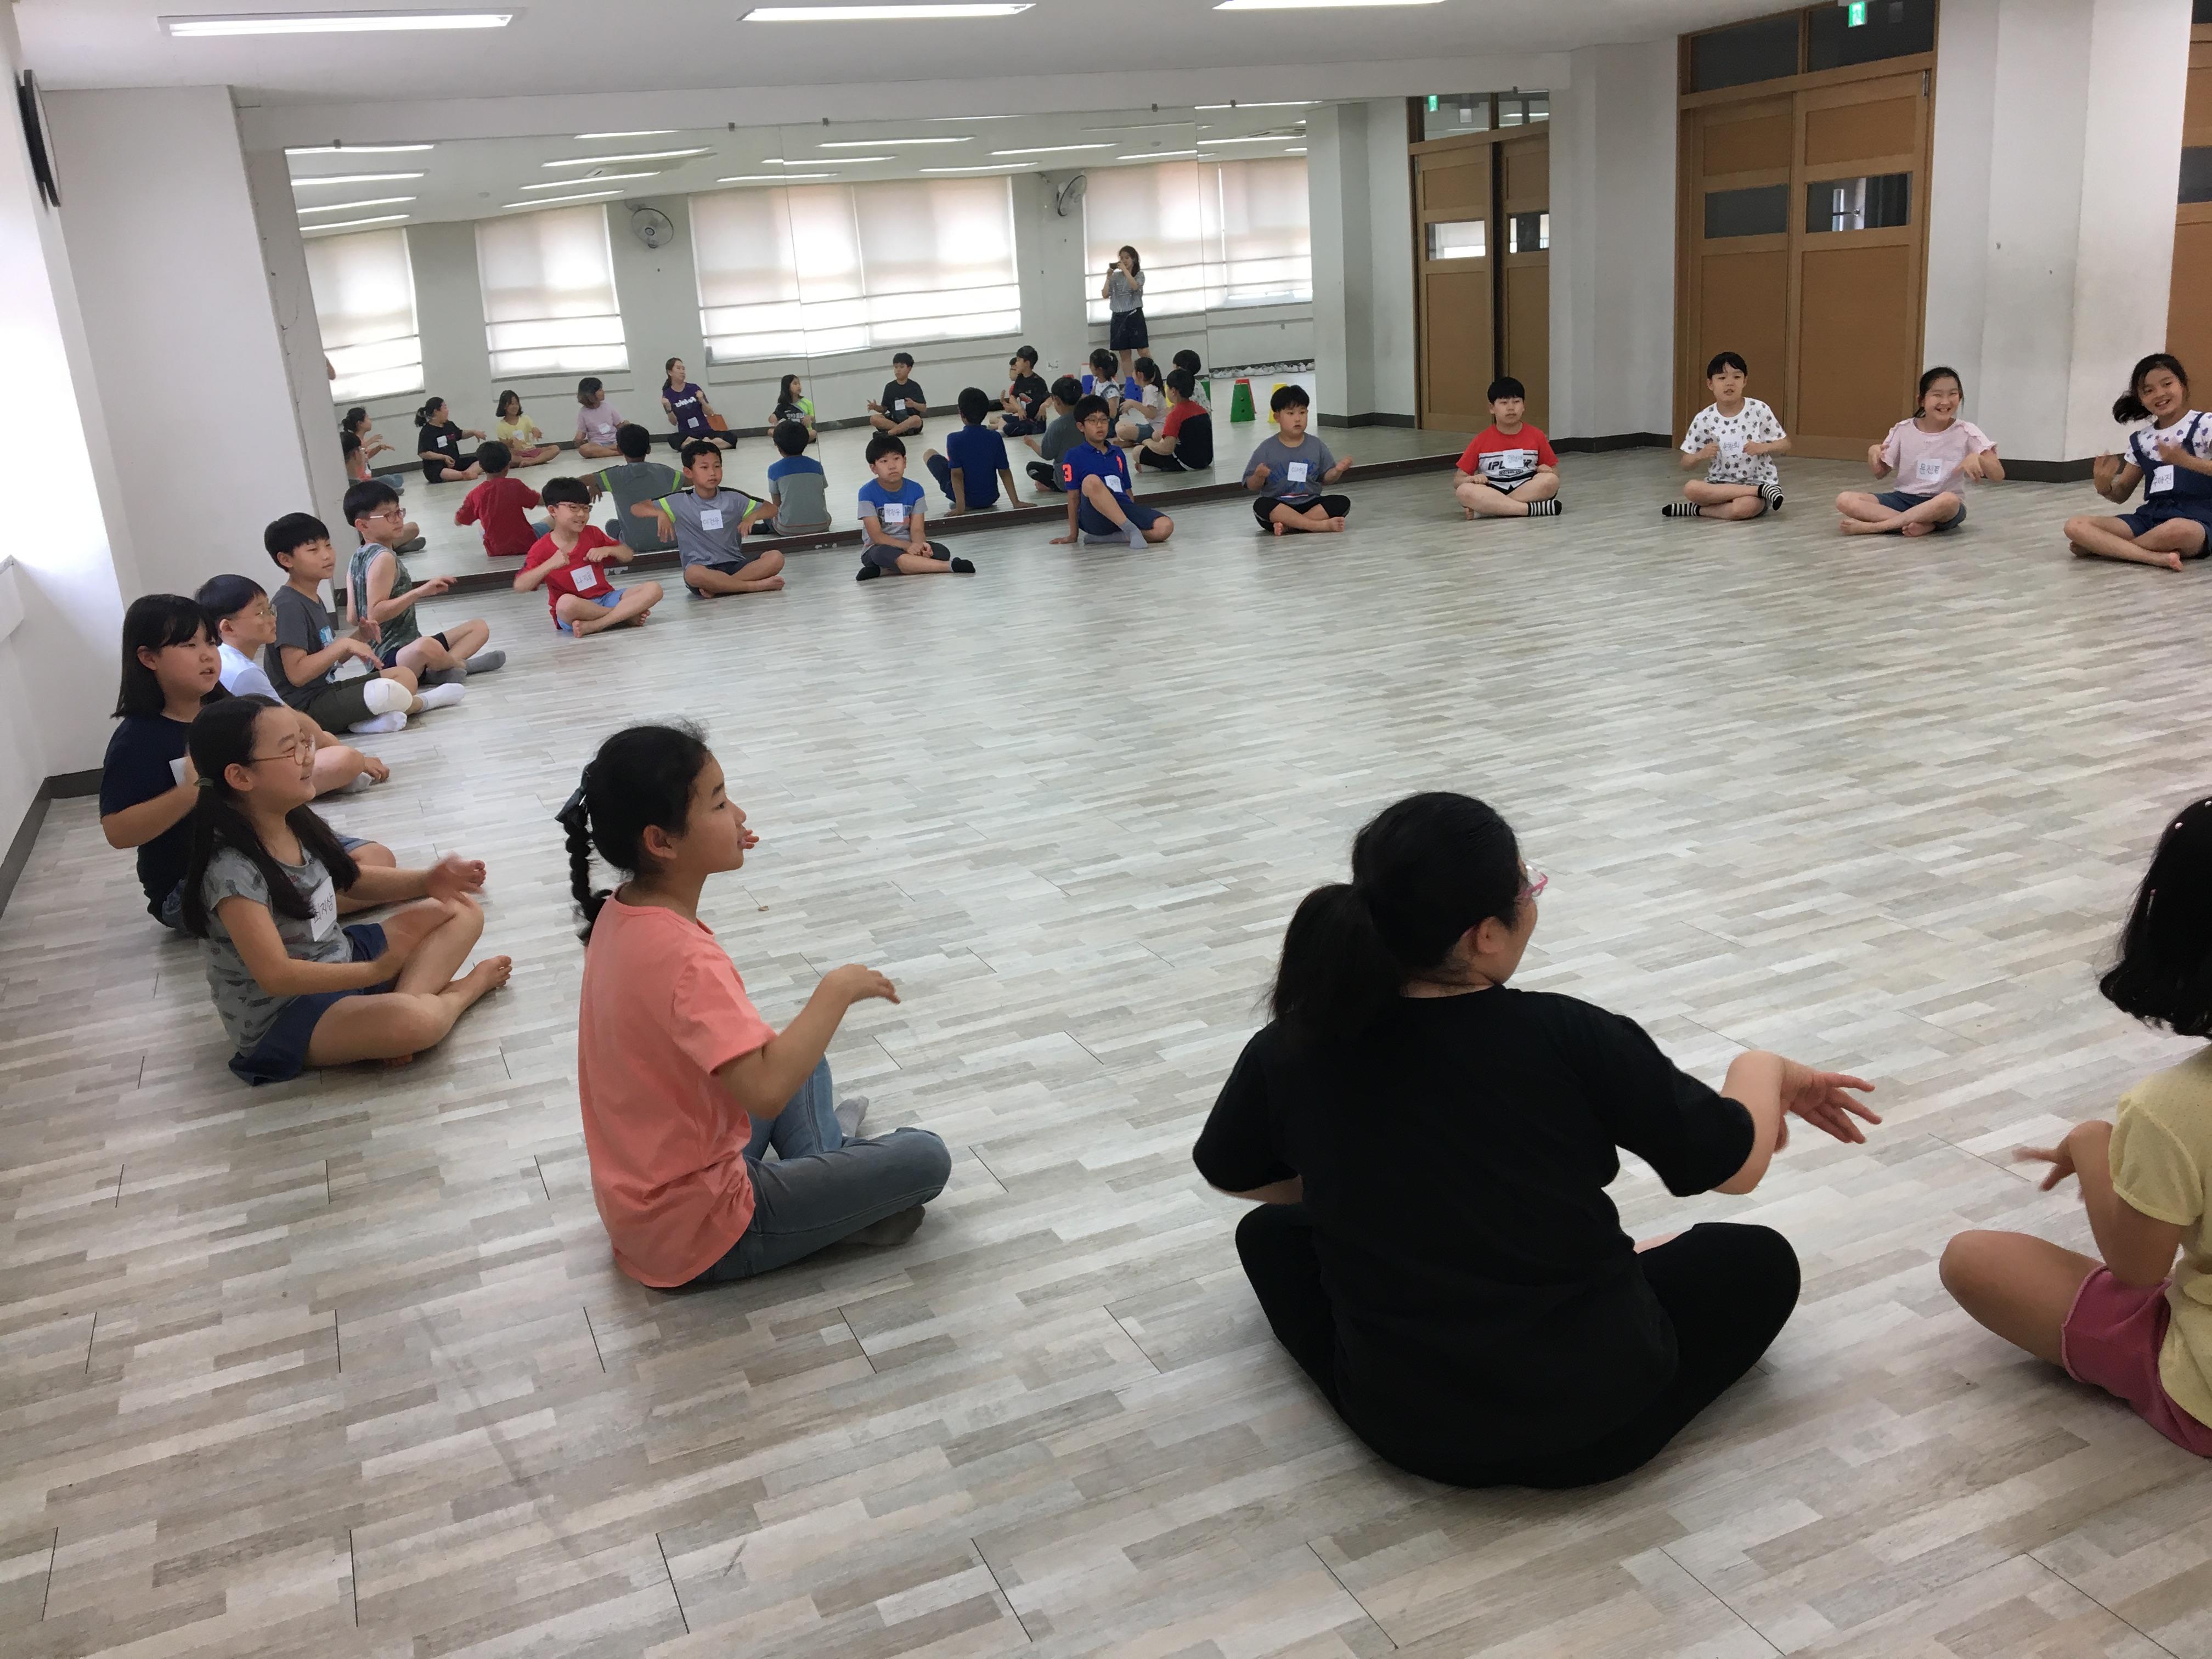 20190704 역량발견 이문초 댄스테라피 (14)